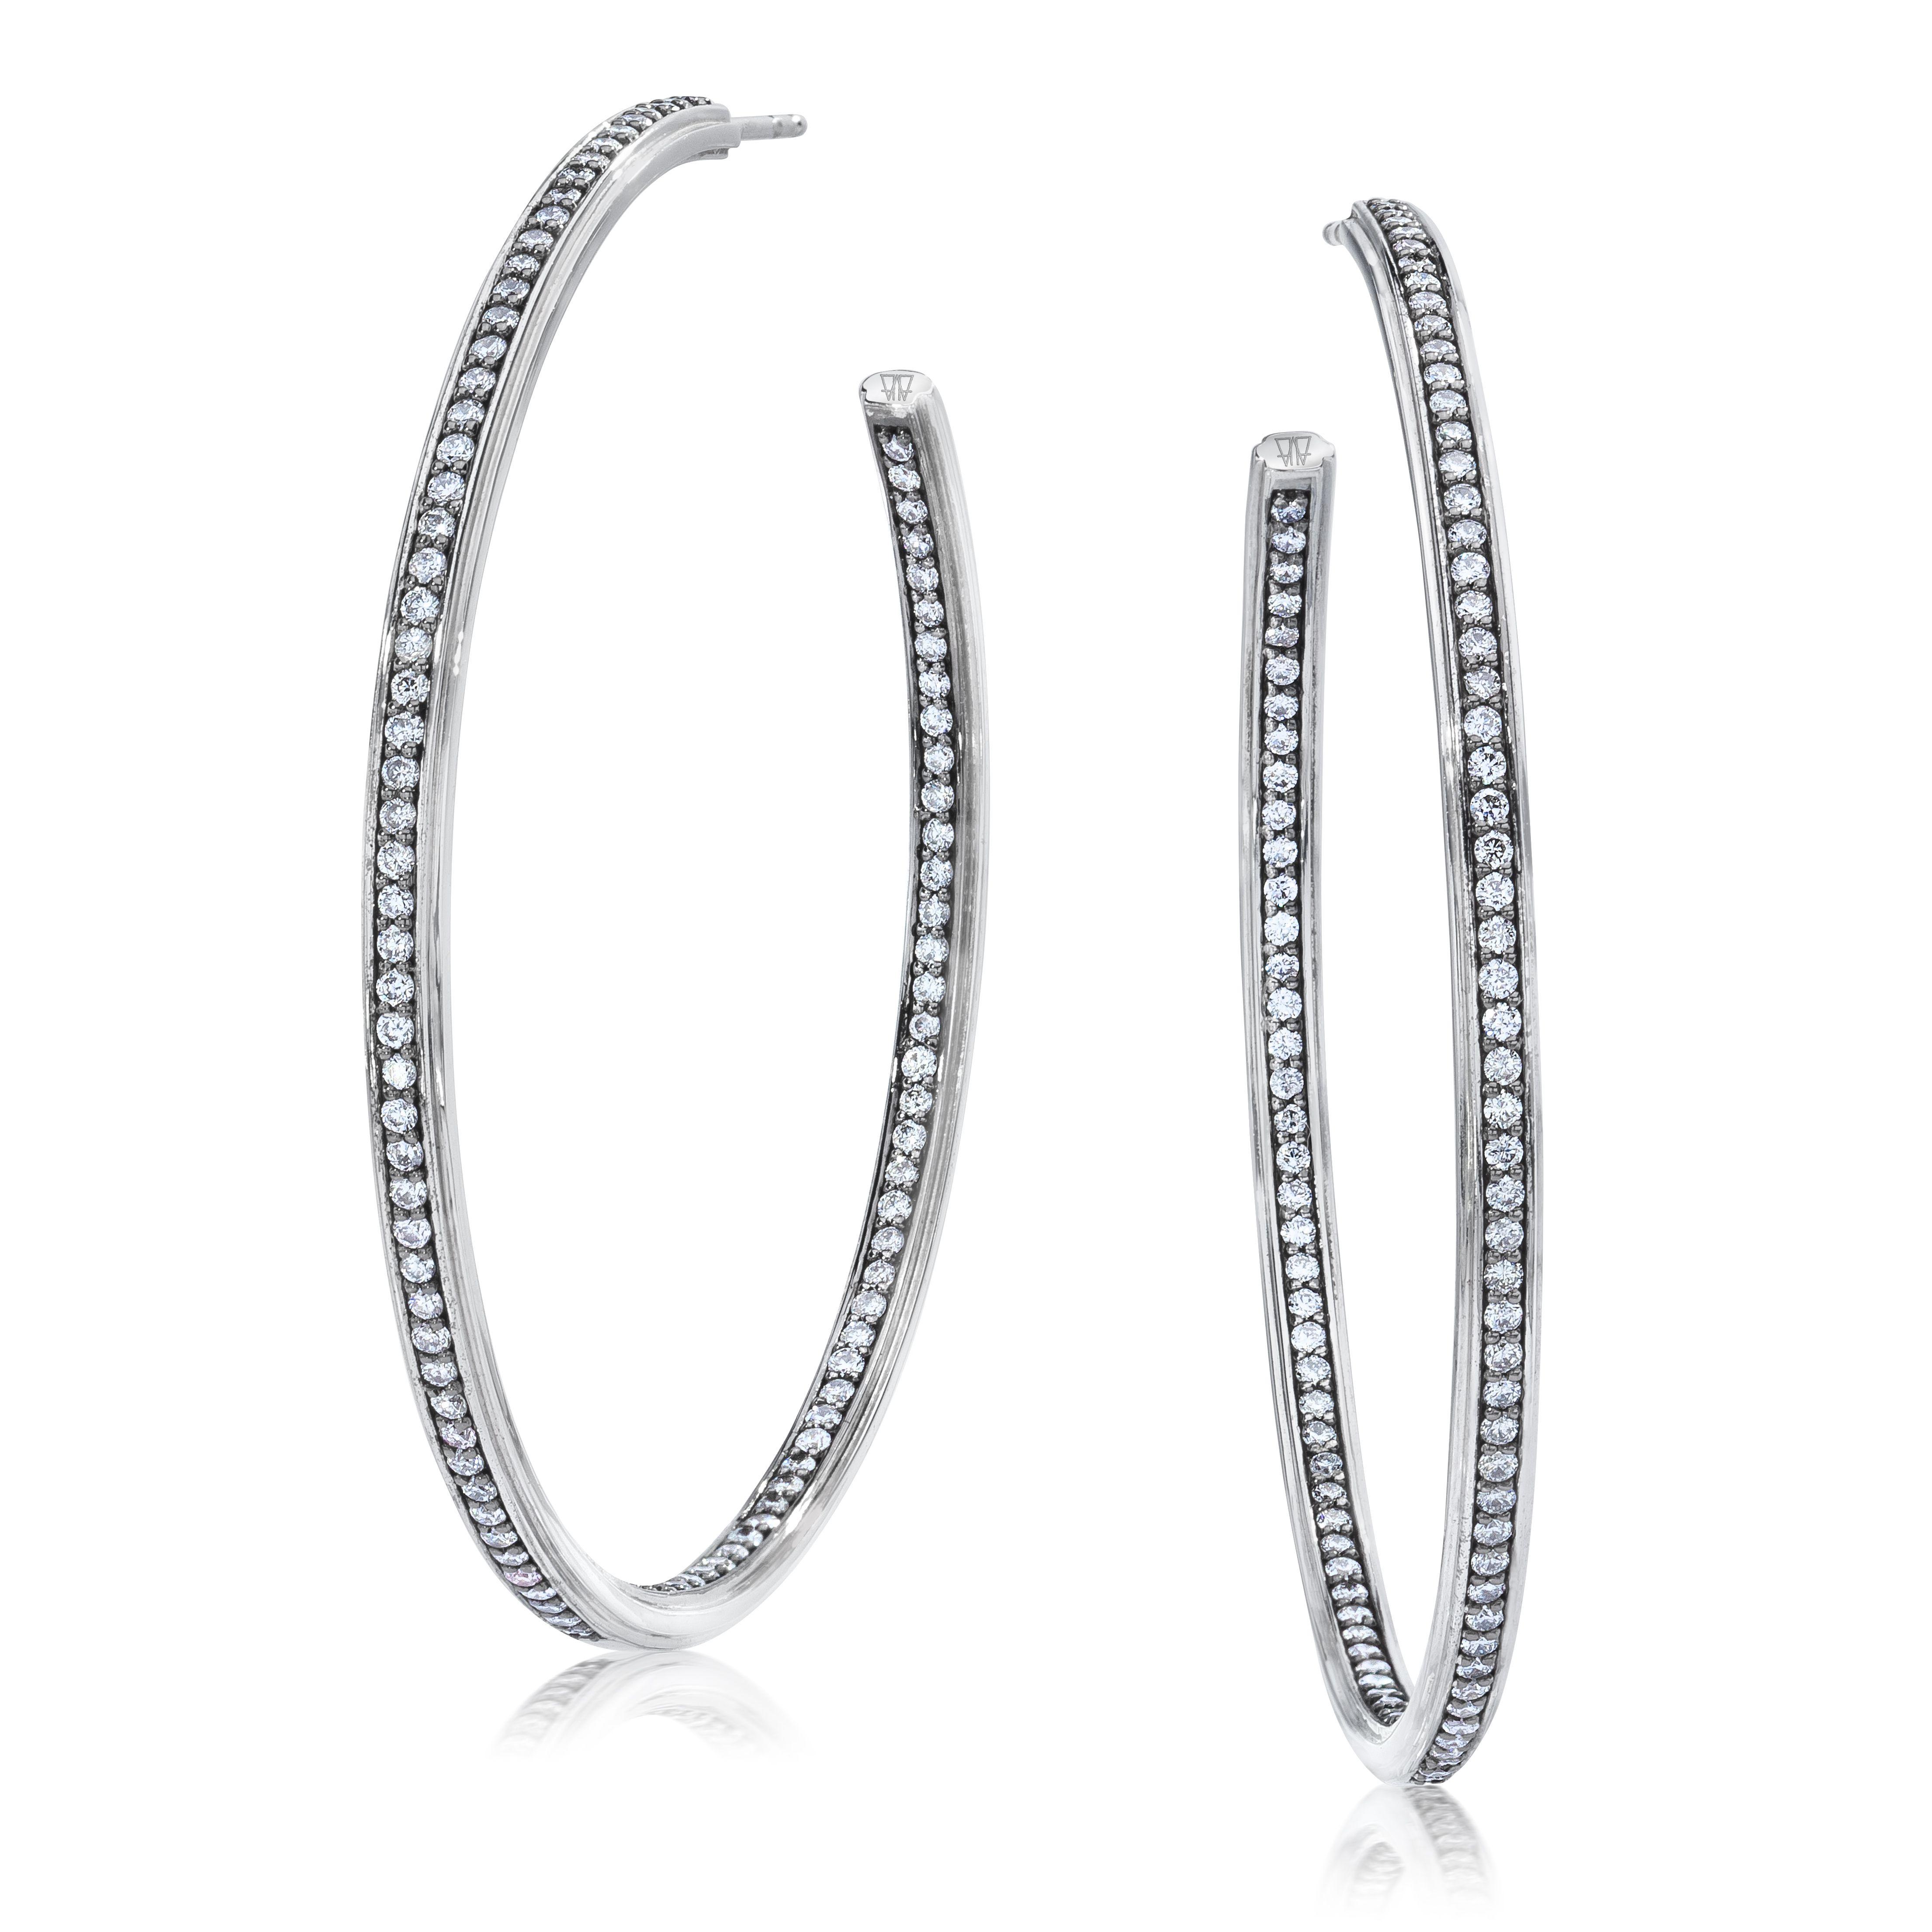 Walters Faith Keynes Hexagon Pass Through Diamond Hoop Earrings 8Slc4SDk